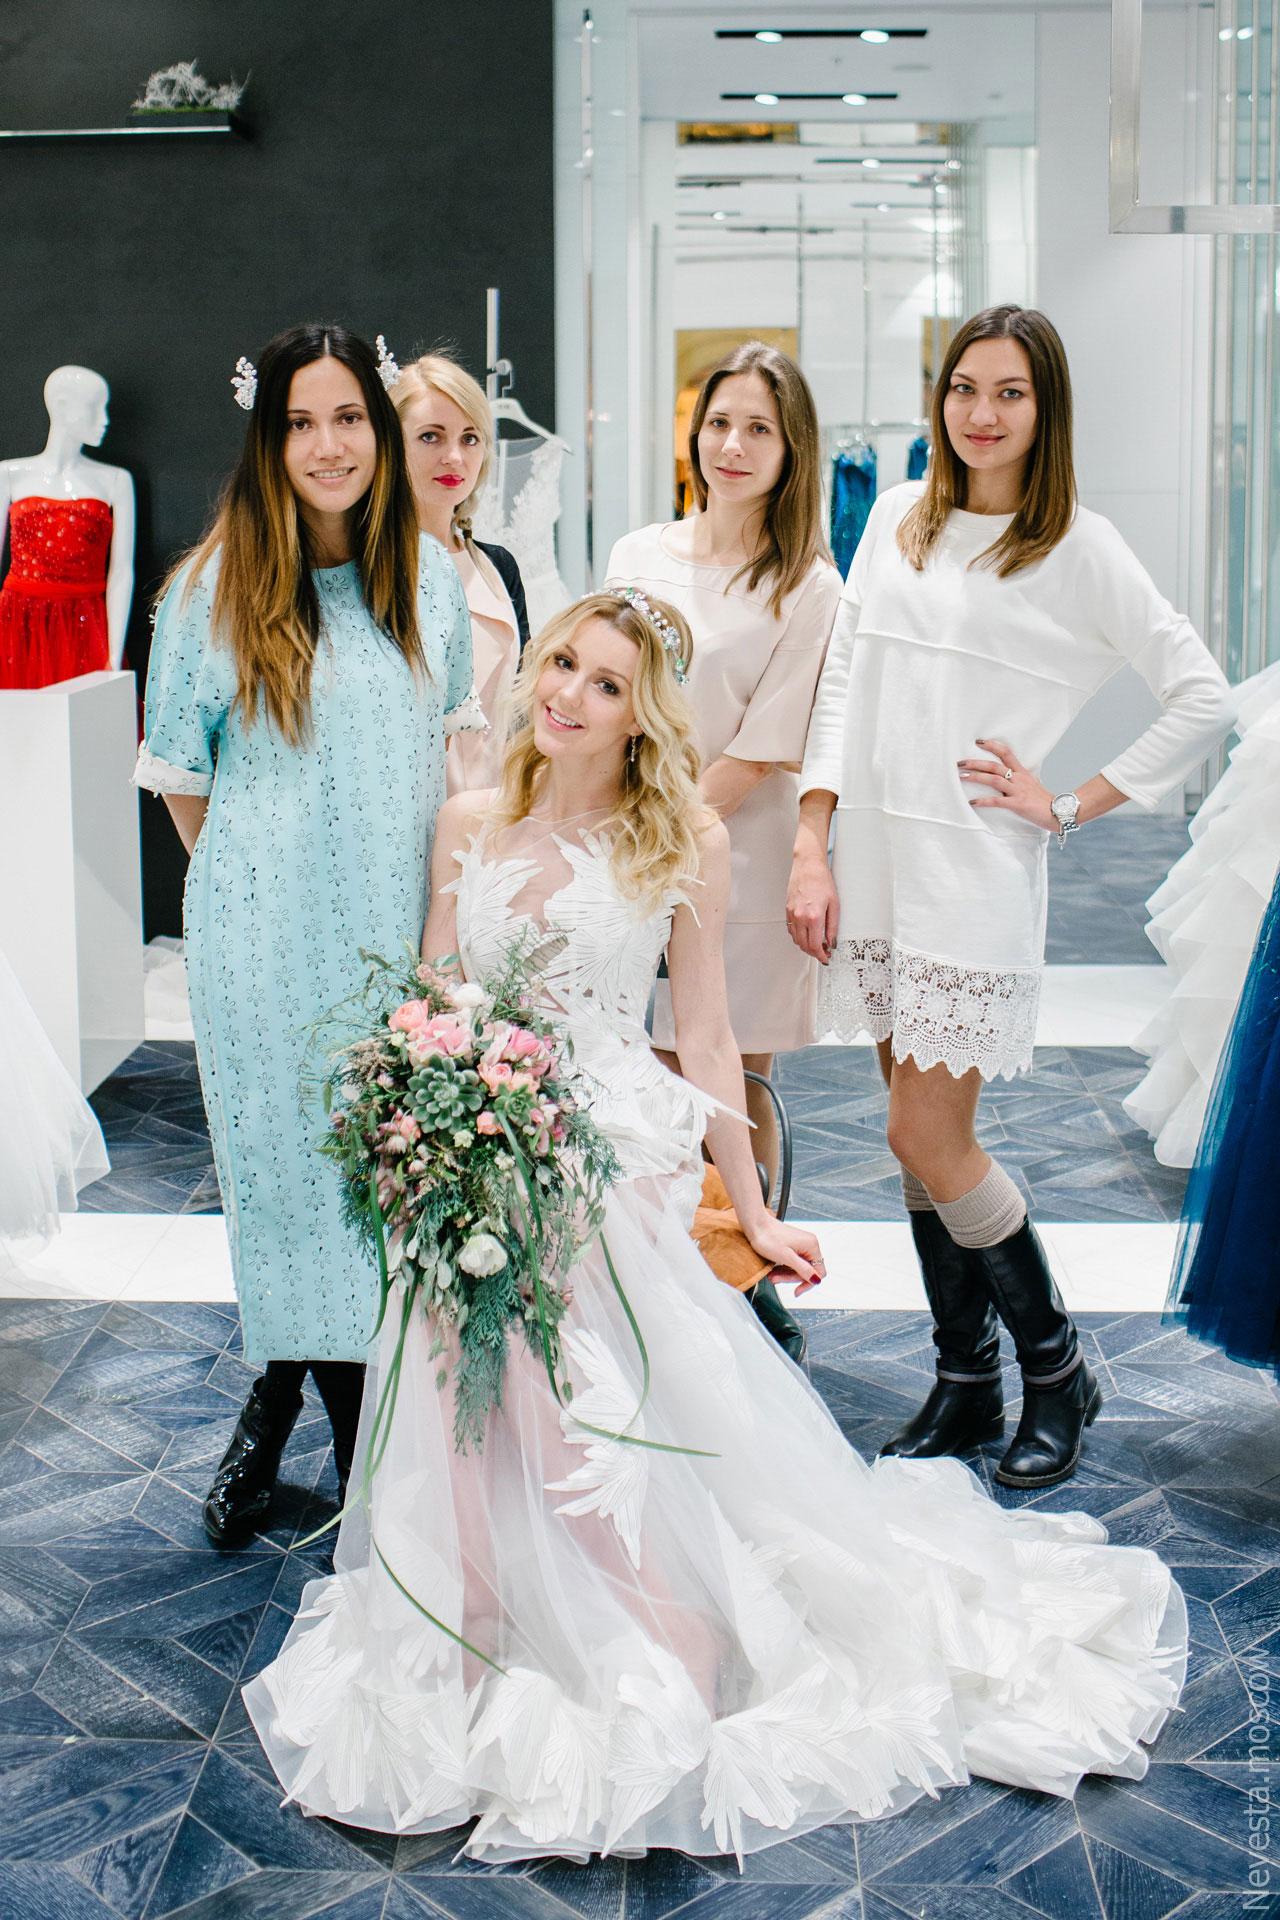 Юлианна Караулова примеряет образ для весенней свадьбы фото 23